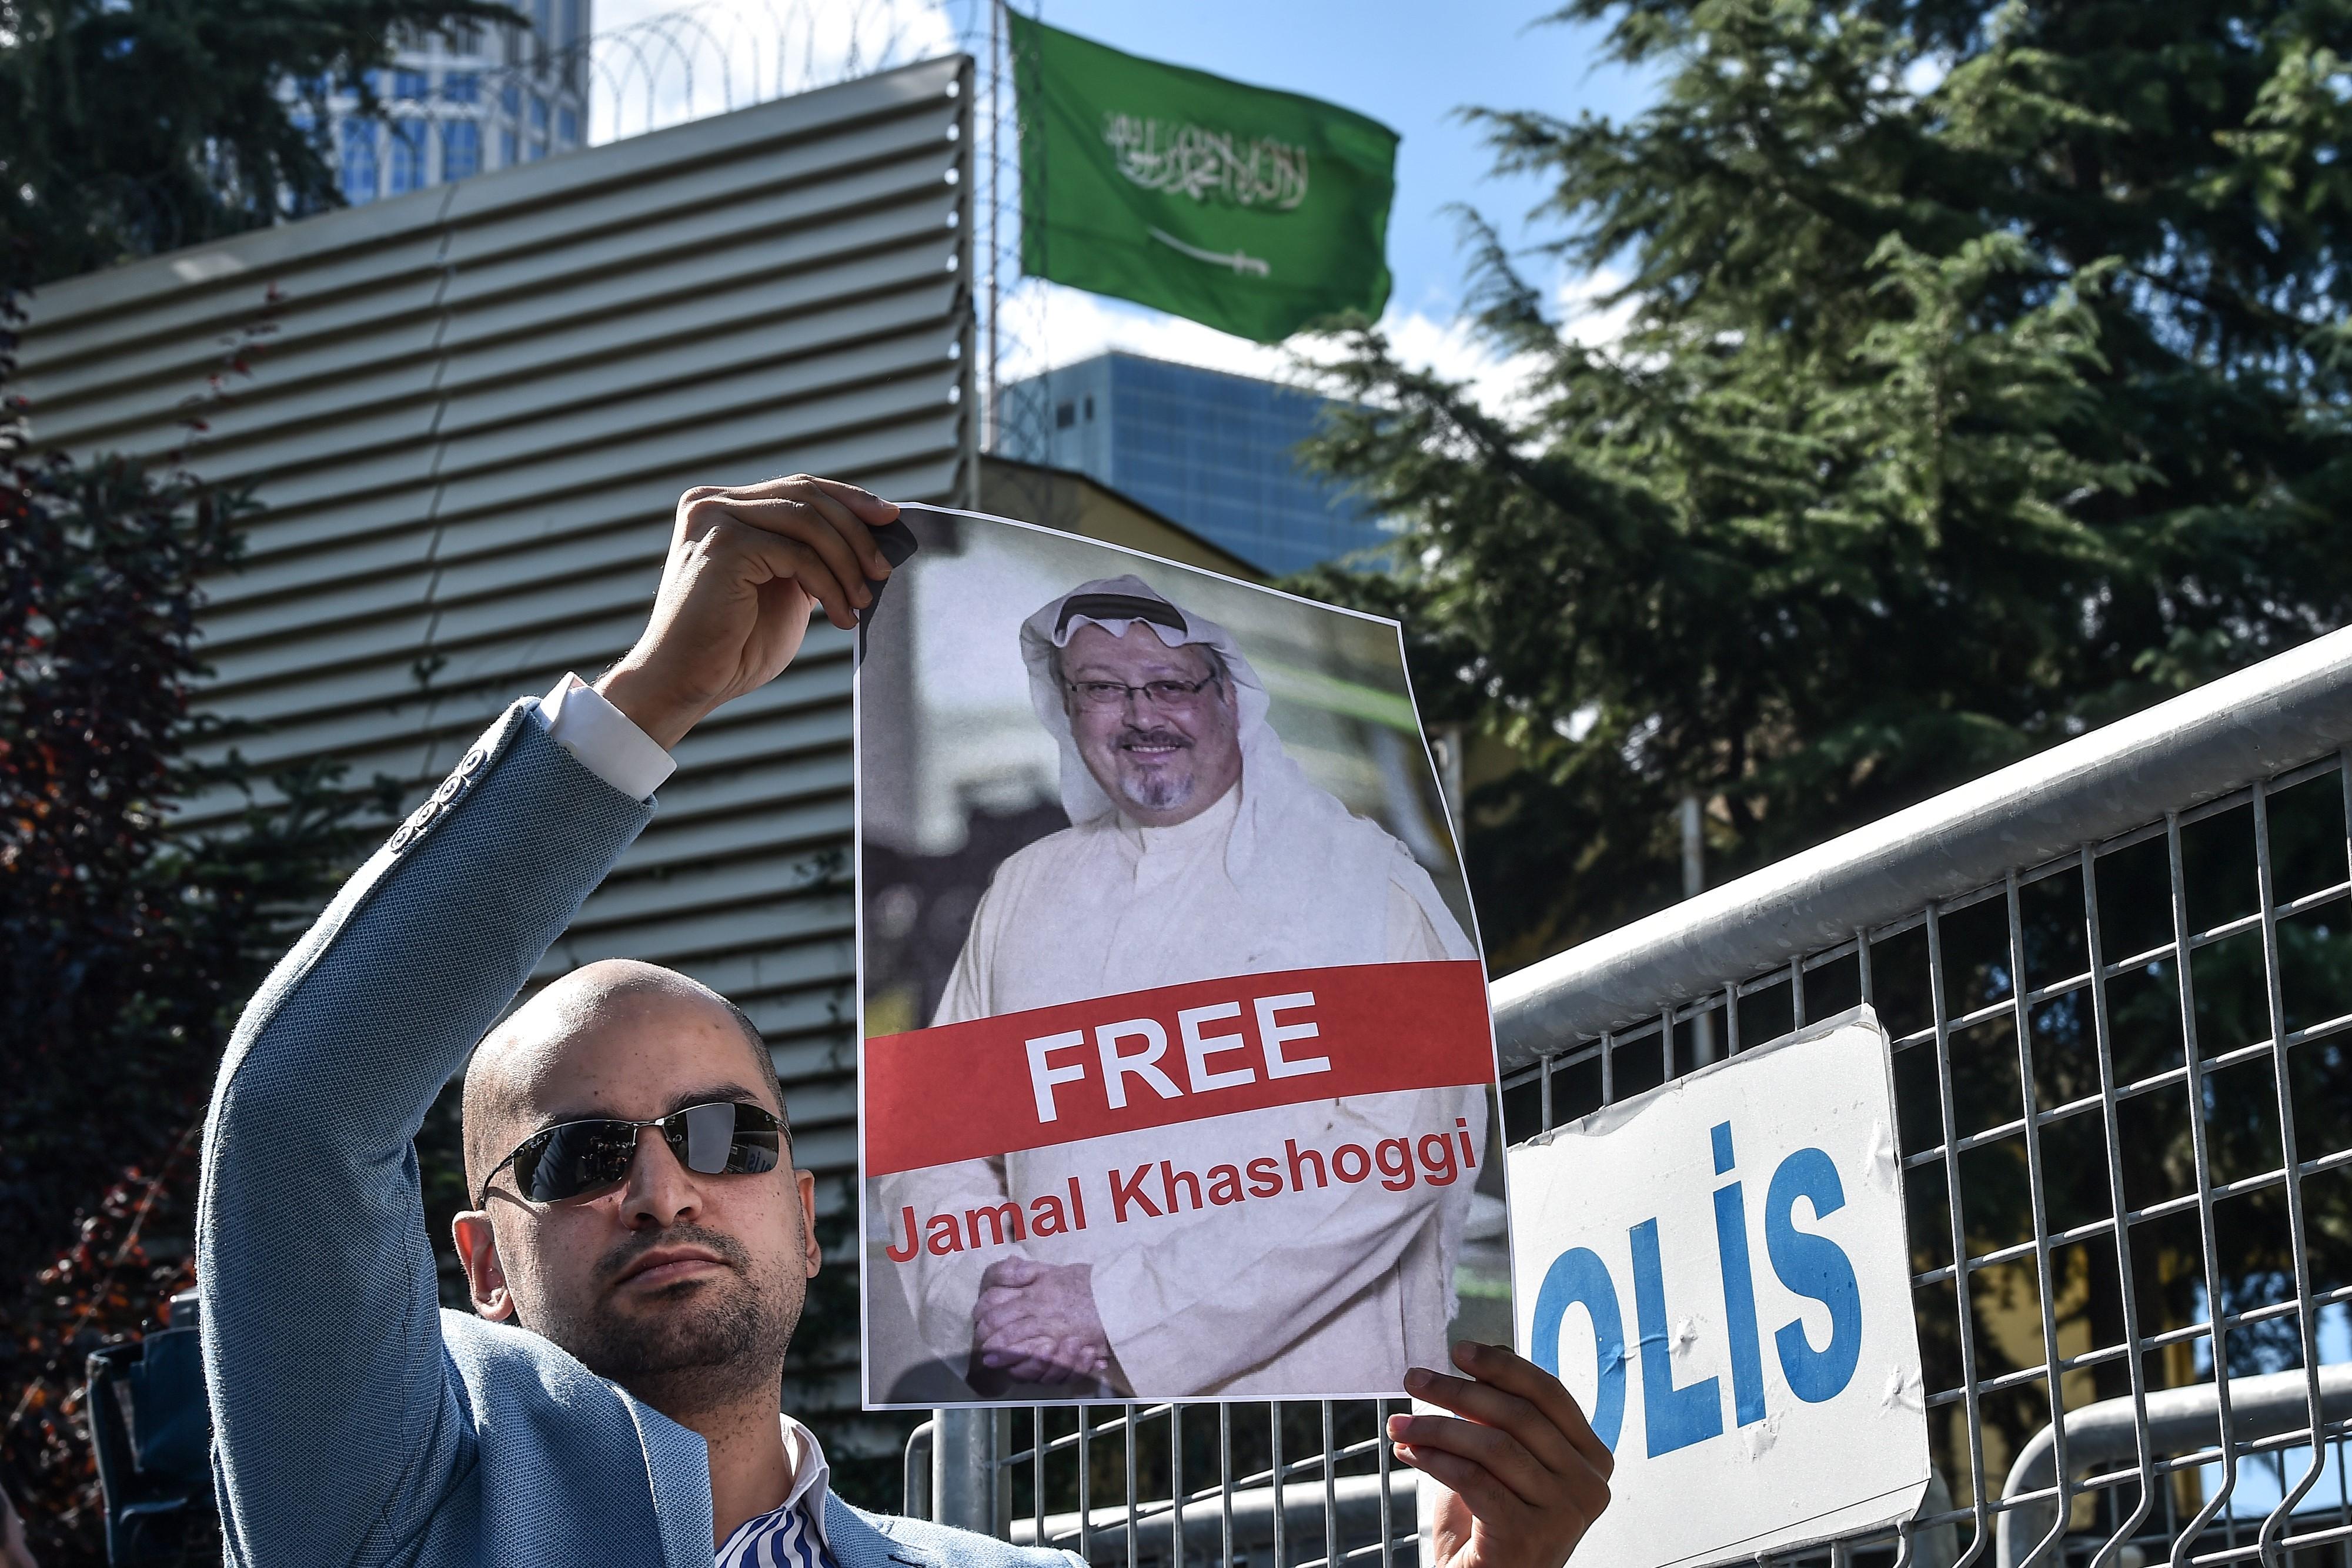 متضامن يقف أمام القنصلية السعودية في اسطنبول حاملا صورة الصحافي جمال خاشقجي